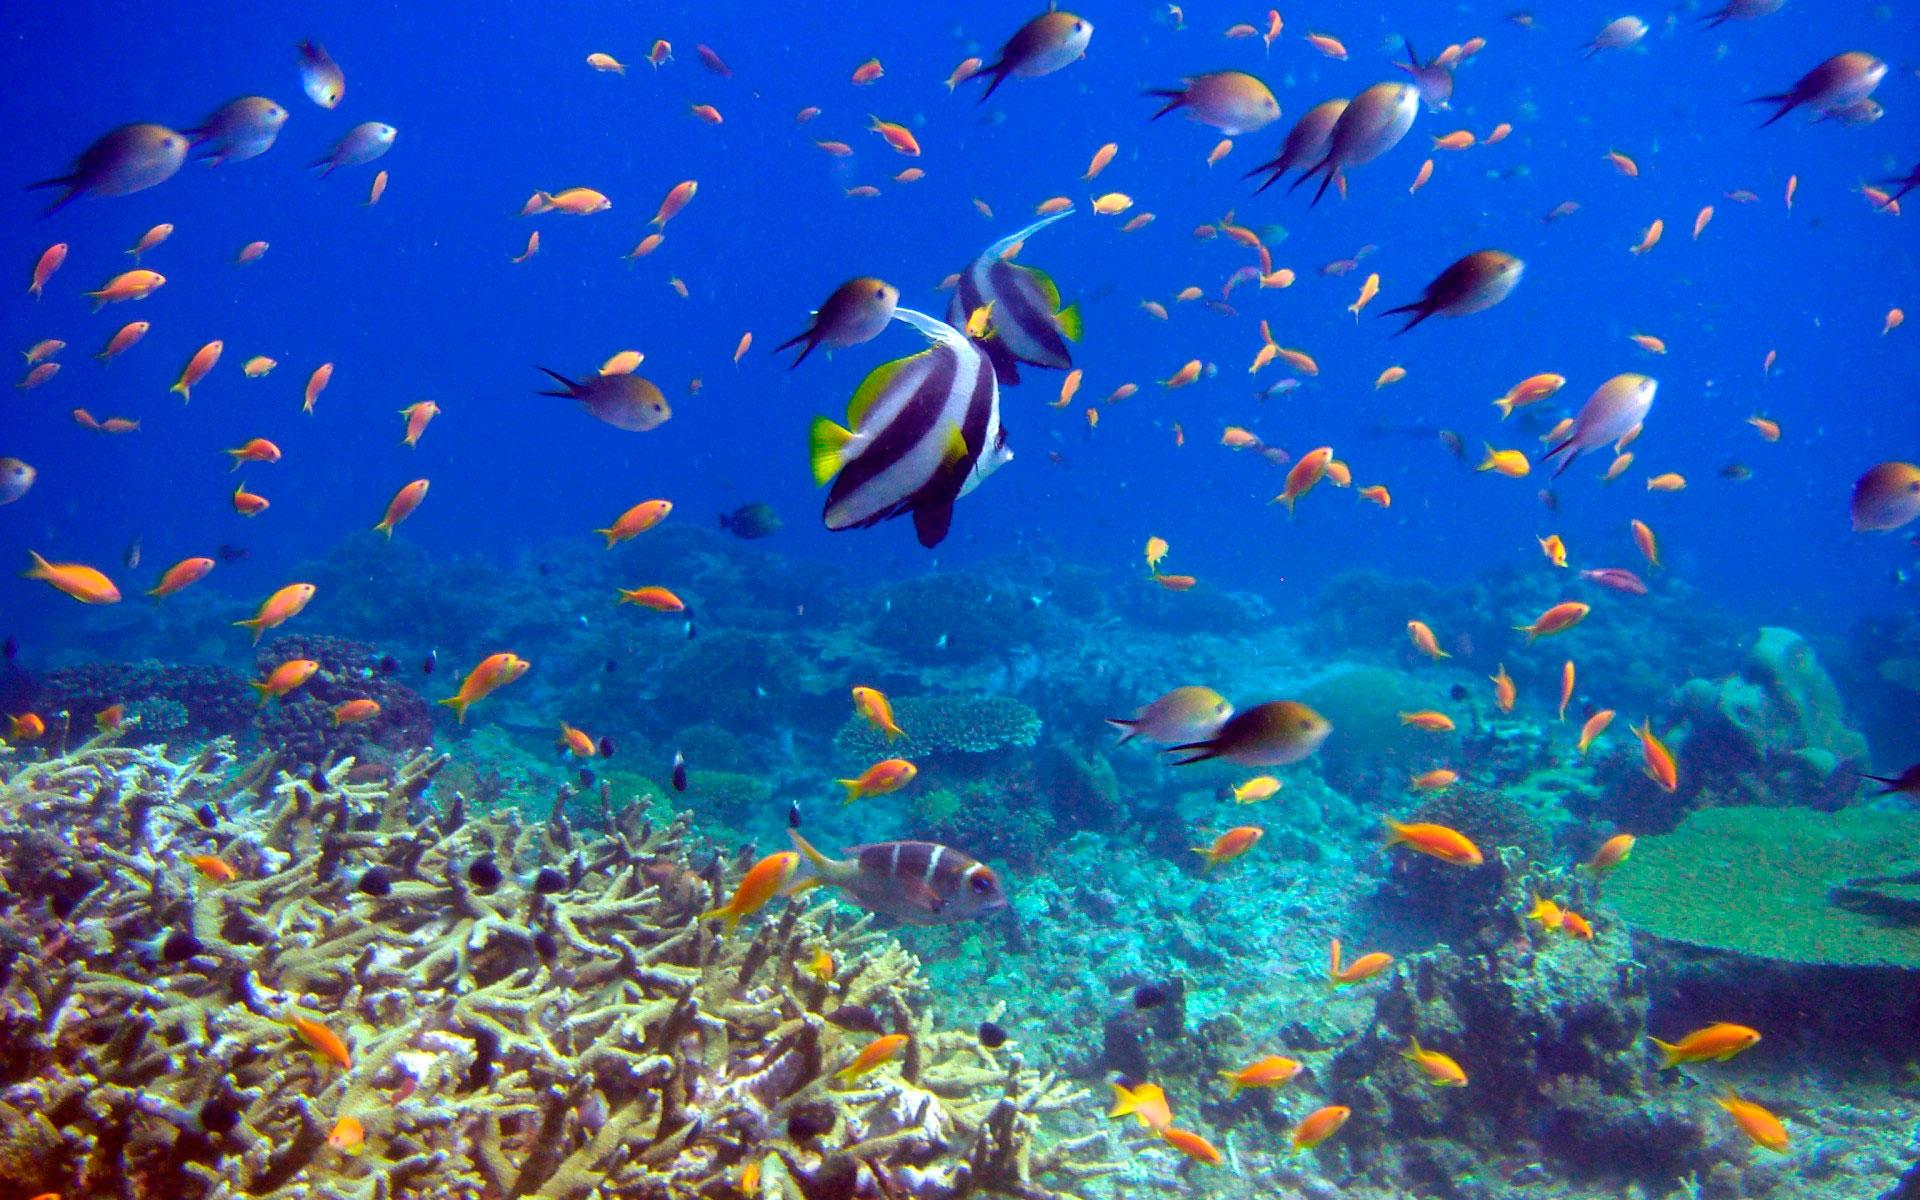 пошло фото подводного мира долларов